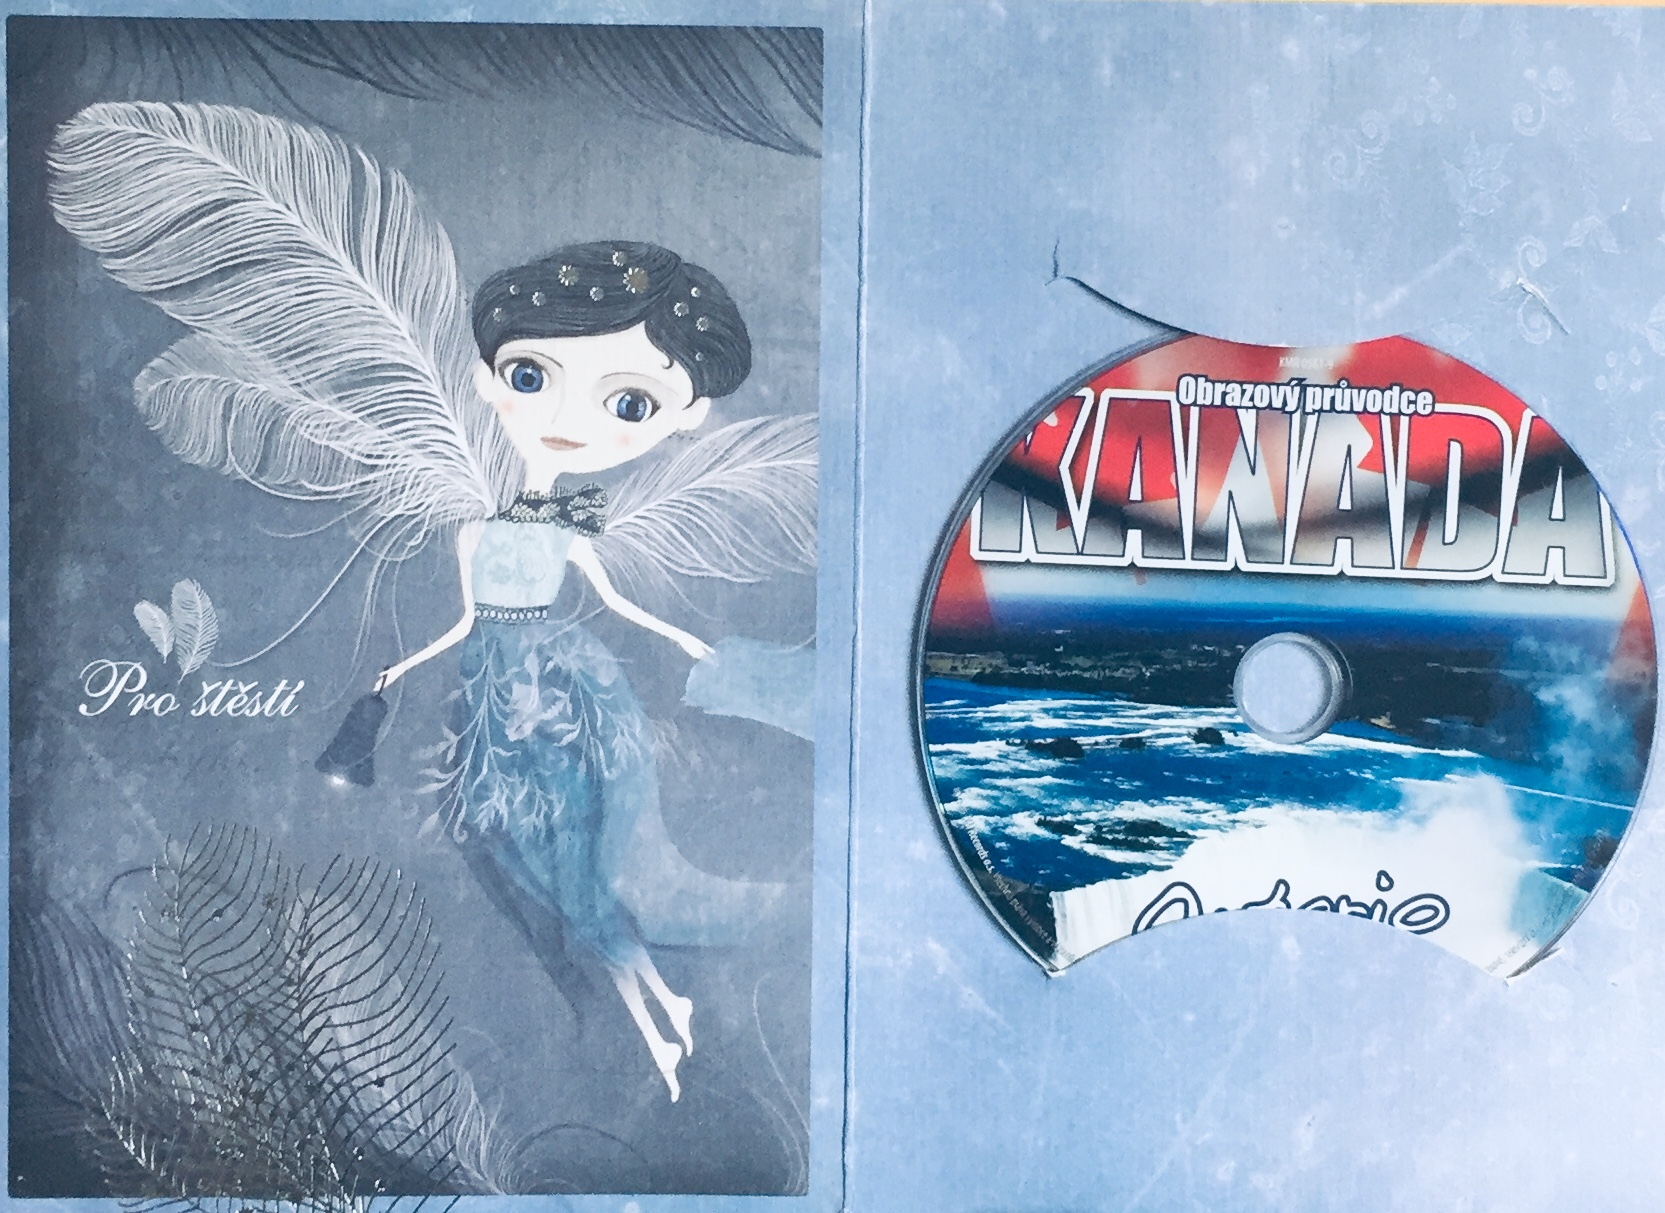 Obrazový průvodce - Kanada - Ontario - DVD /dárkový obal/